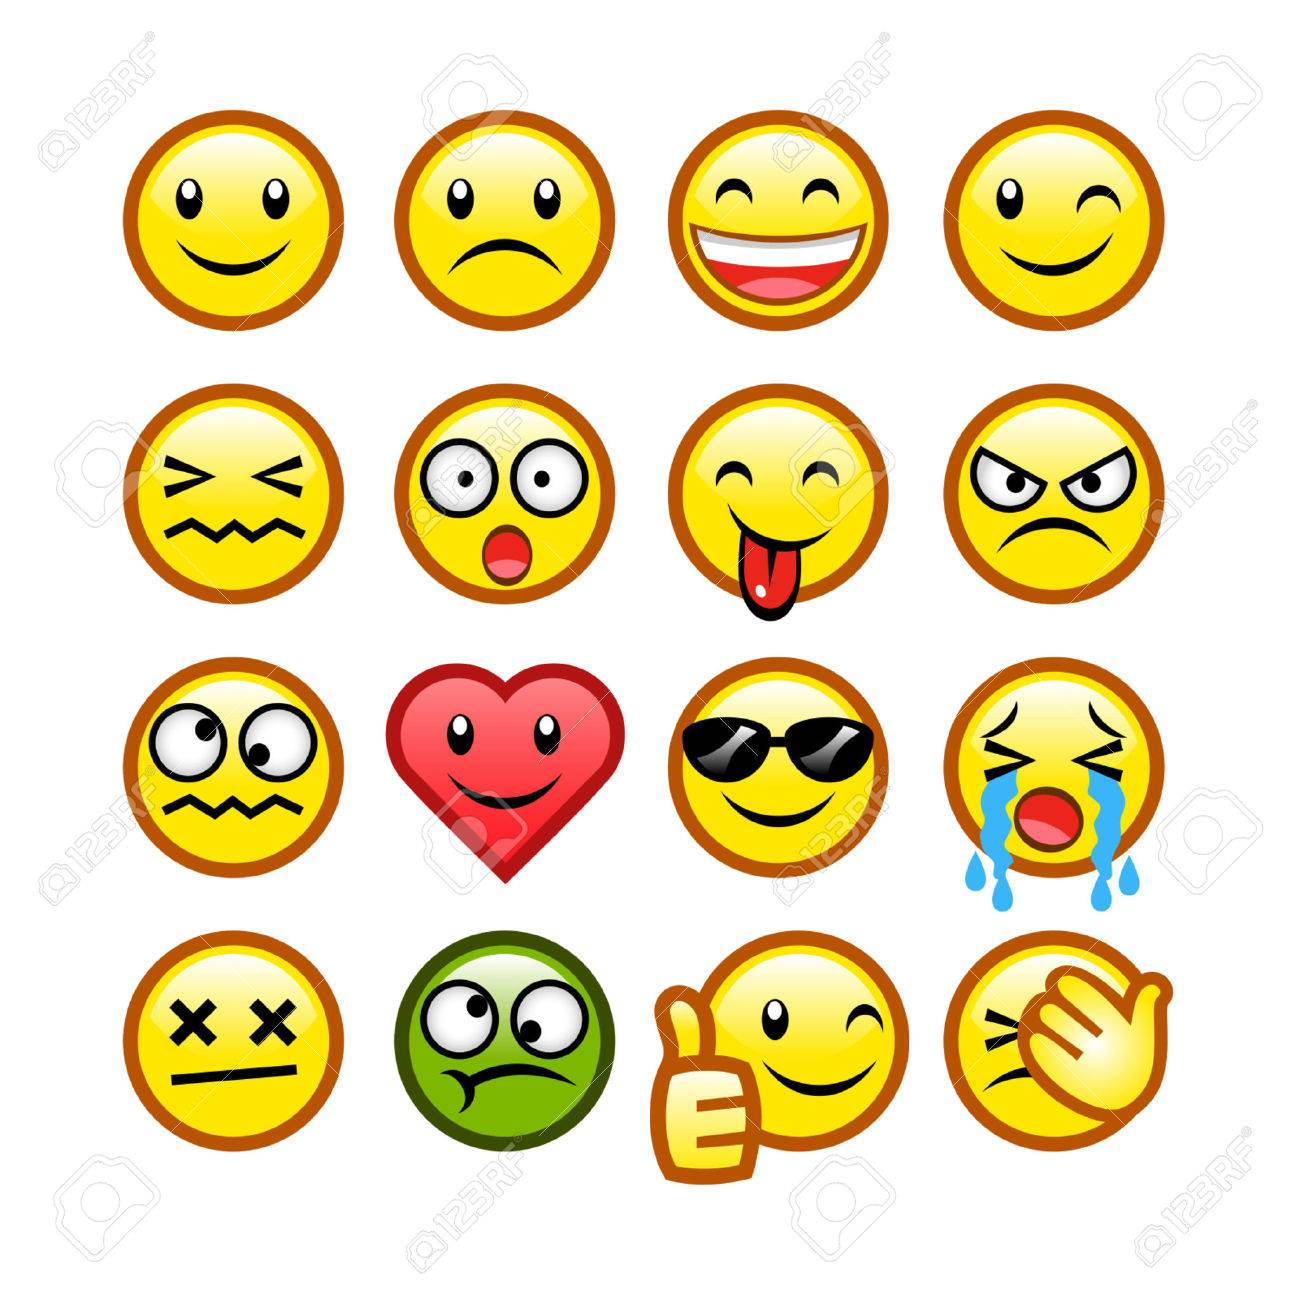 classic smileys - 29081651